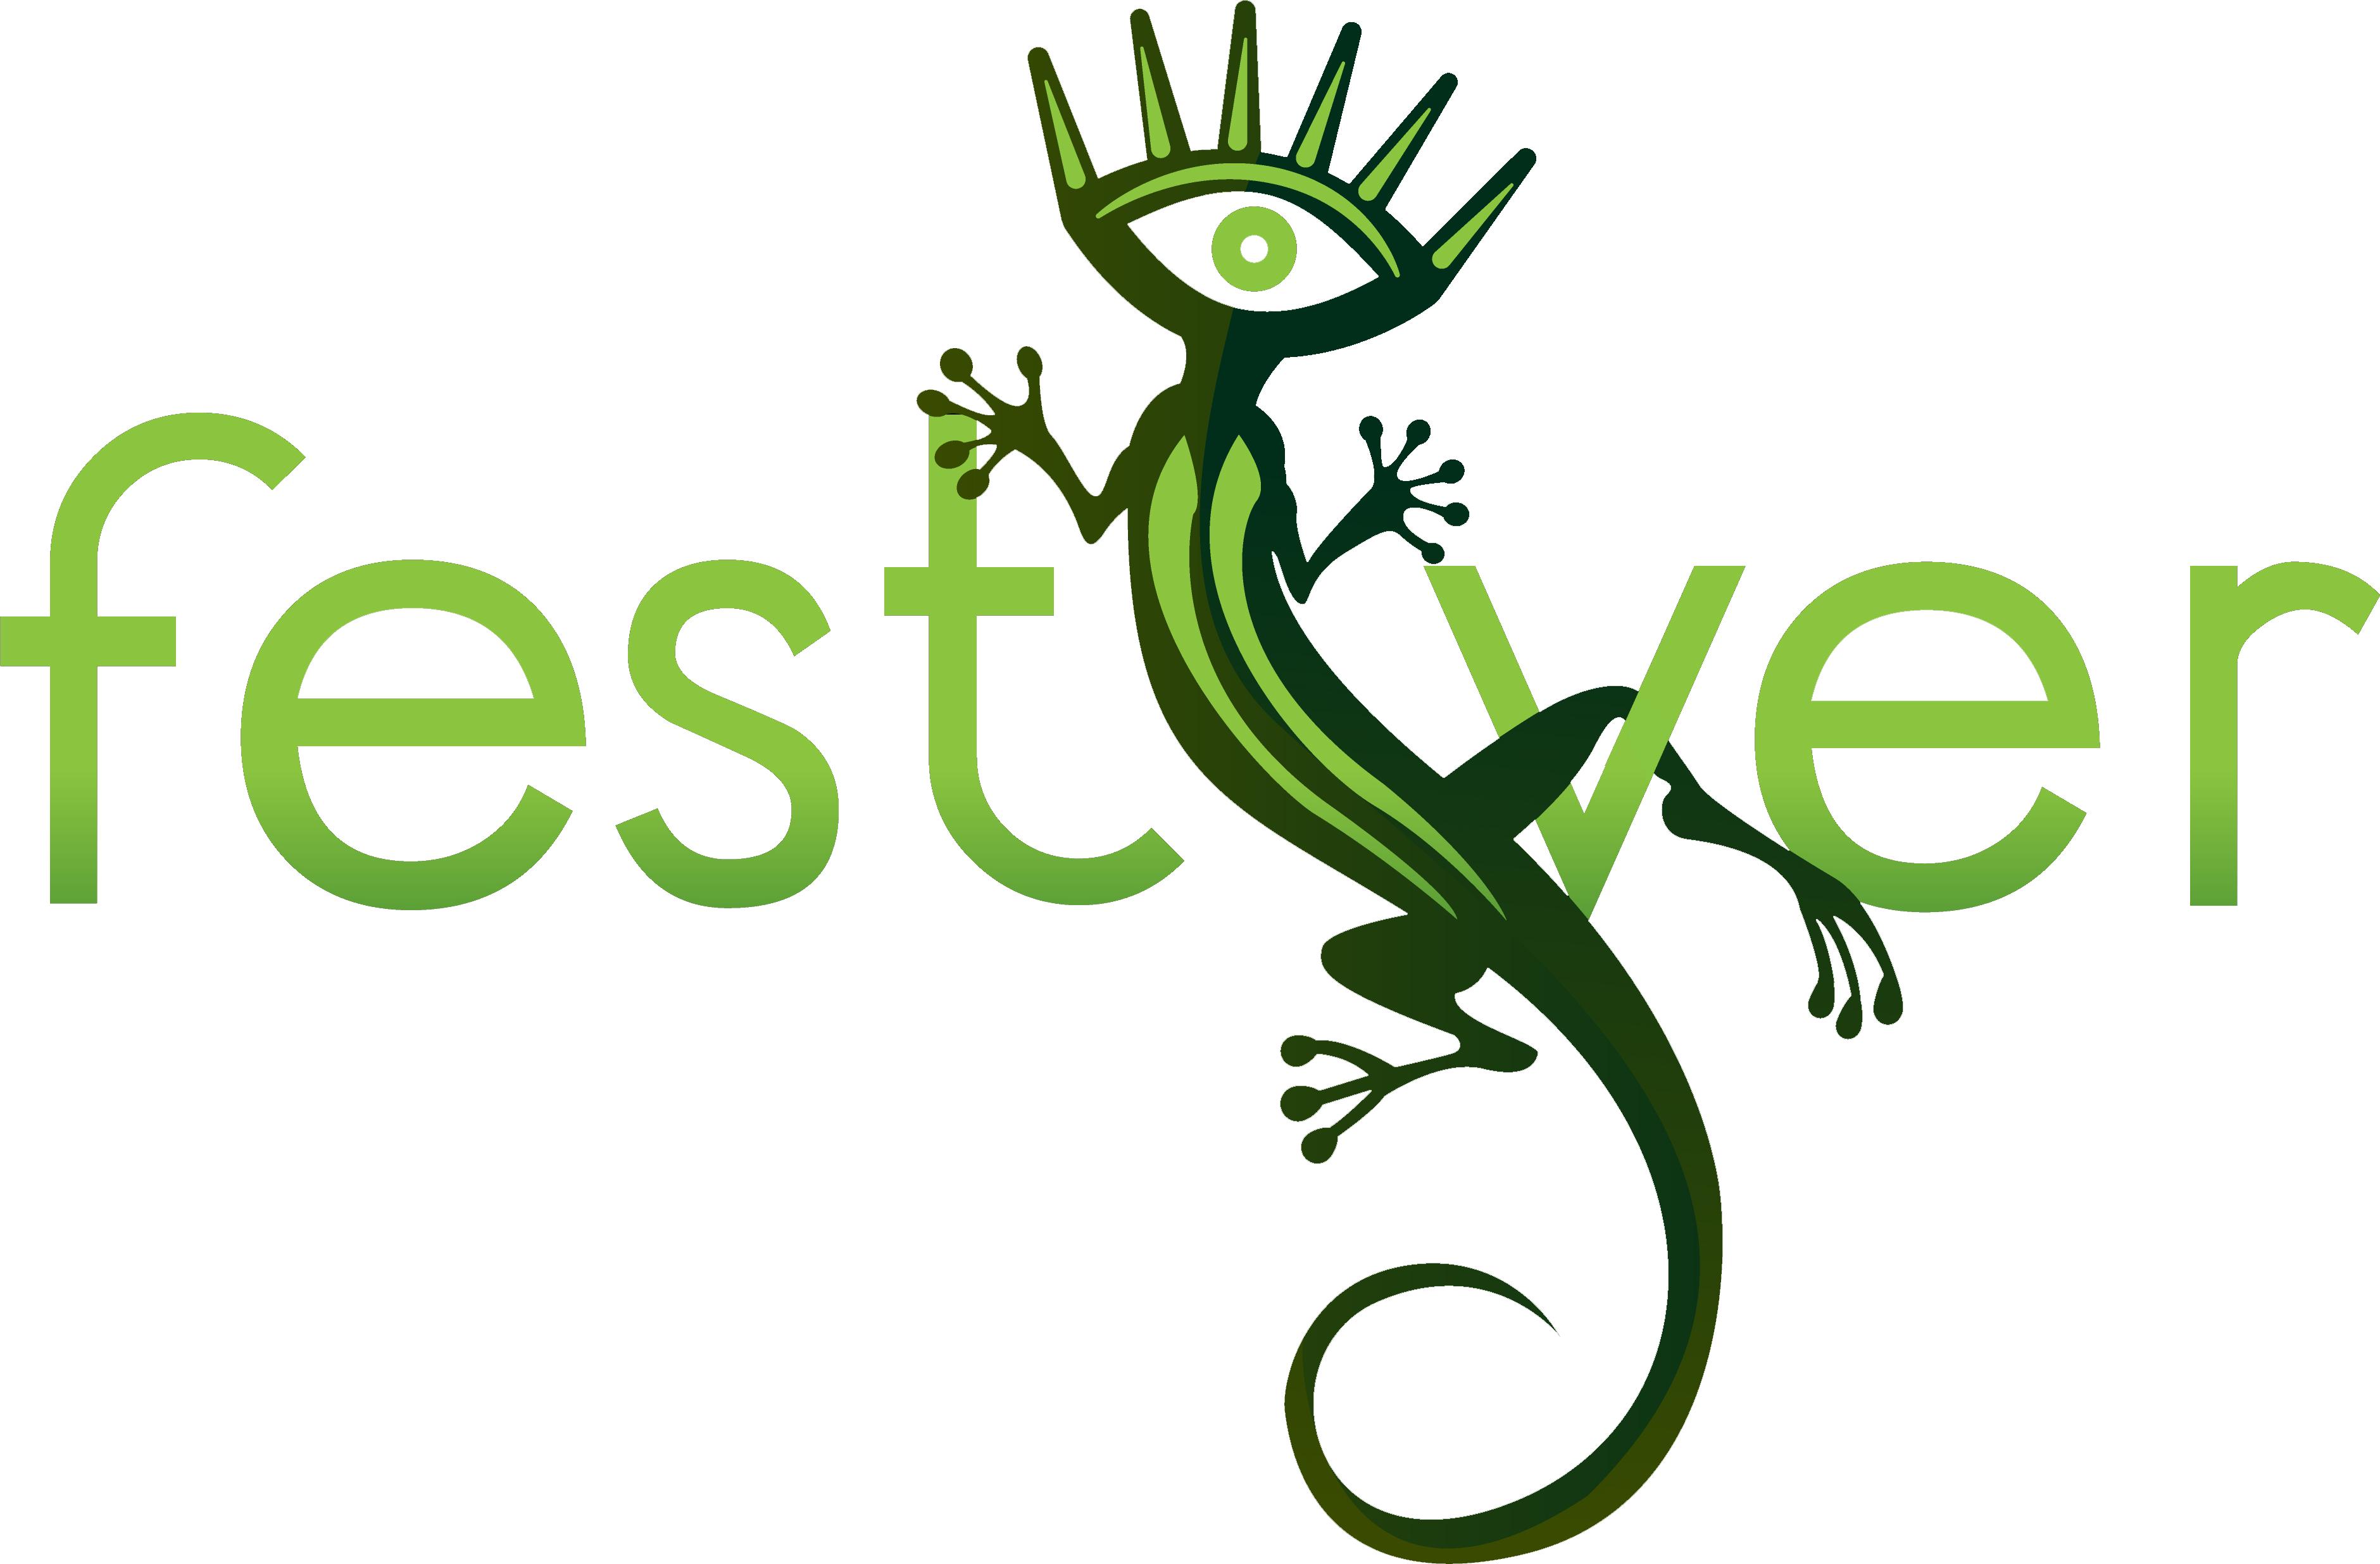 Logo Festiver